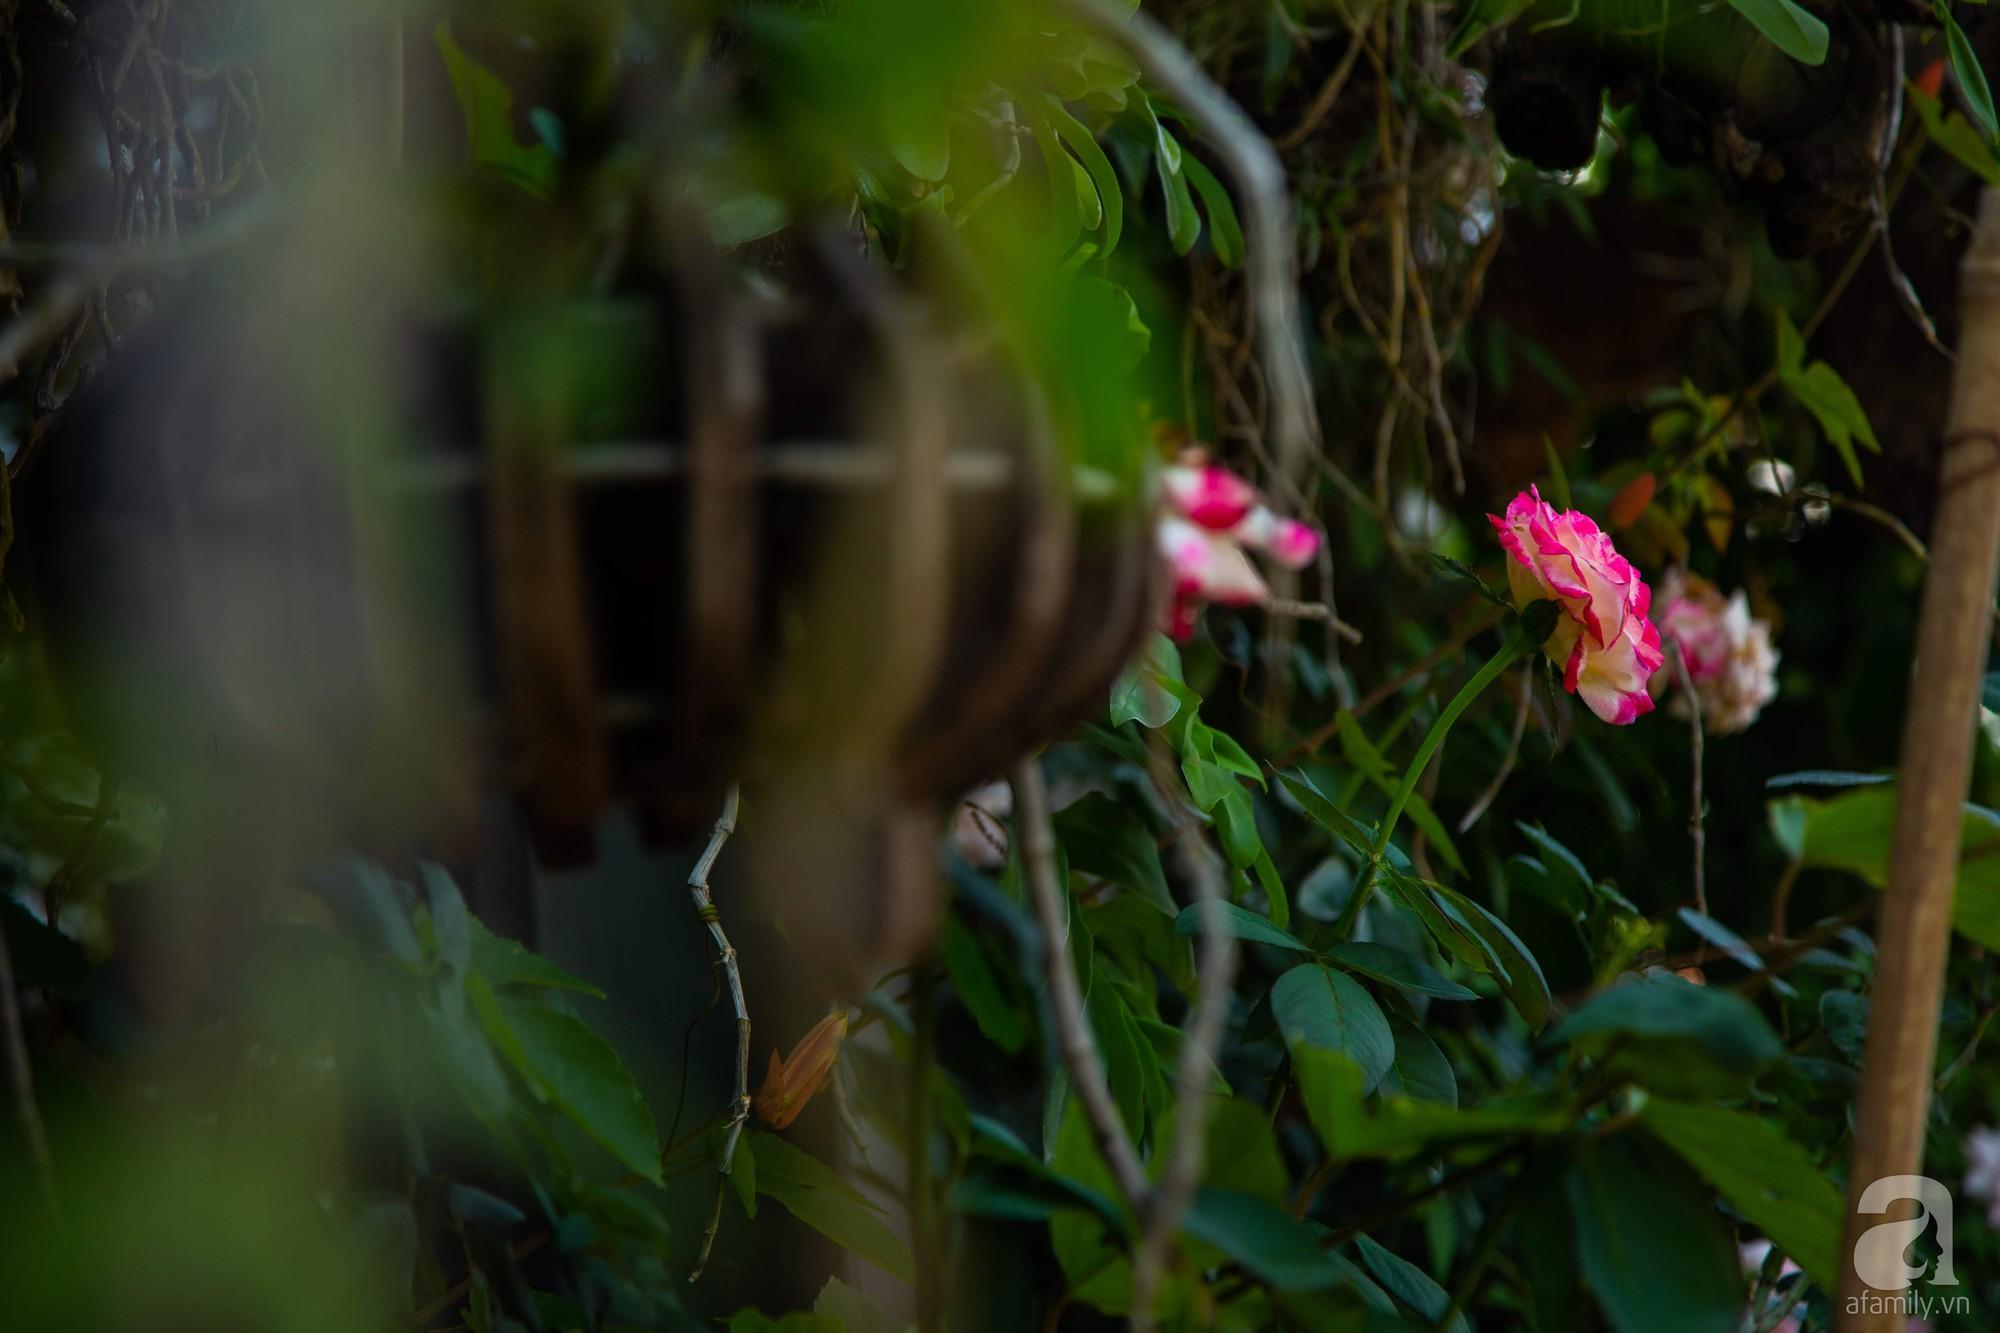 Khu vườn trên sân thượng rộng 200m² đẹp ngỡ ngàng với trăm loài hoa đua nhau khoe sắc ở Hà Nội - 20